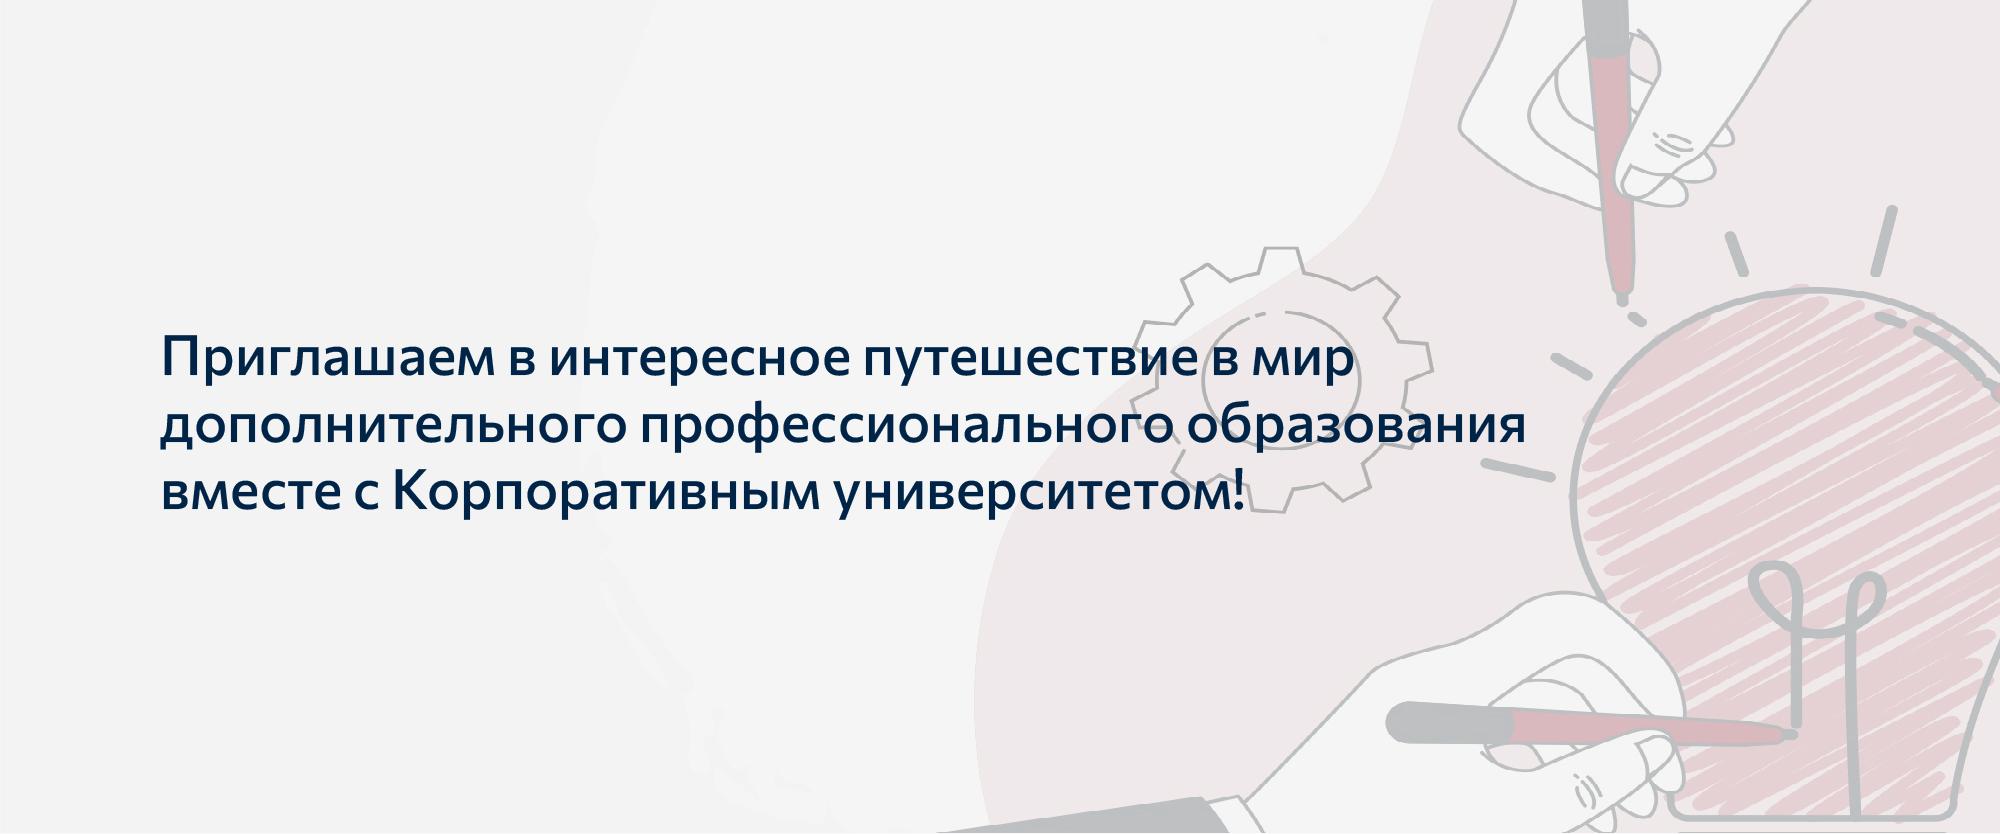 Корпоративный университет_11-16 октября 2021 года_баннер qumo-2